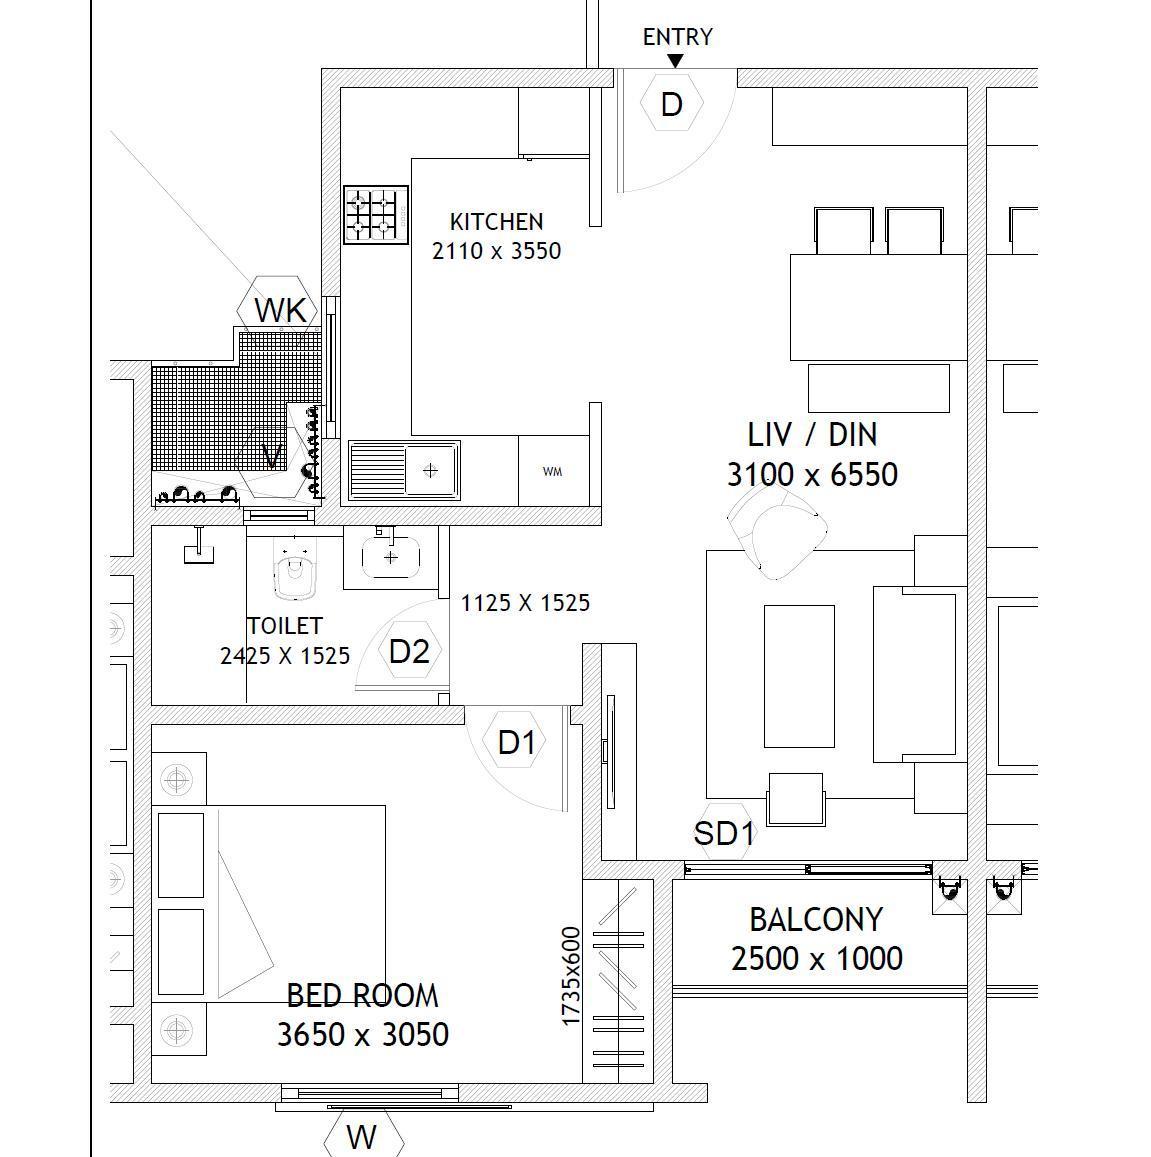 Assetzhereandnow Floor Plan